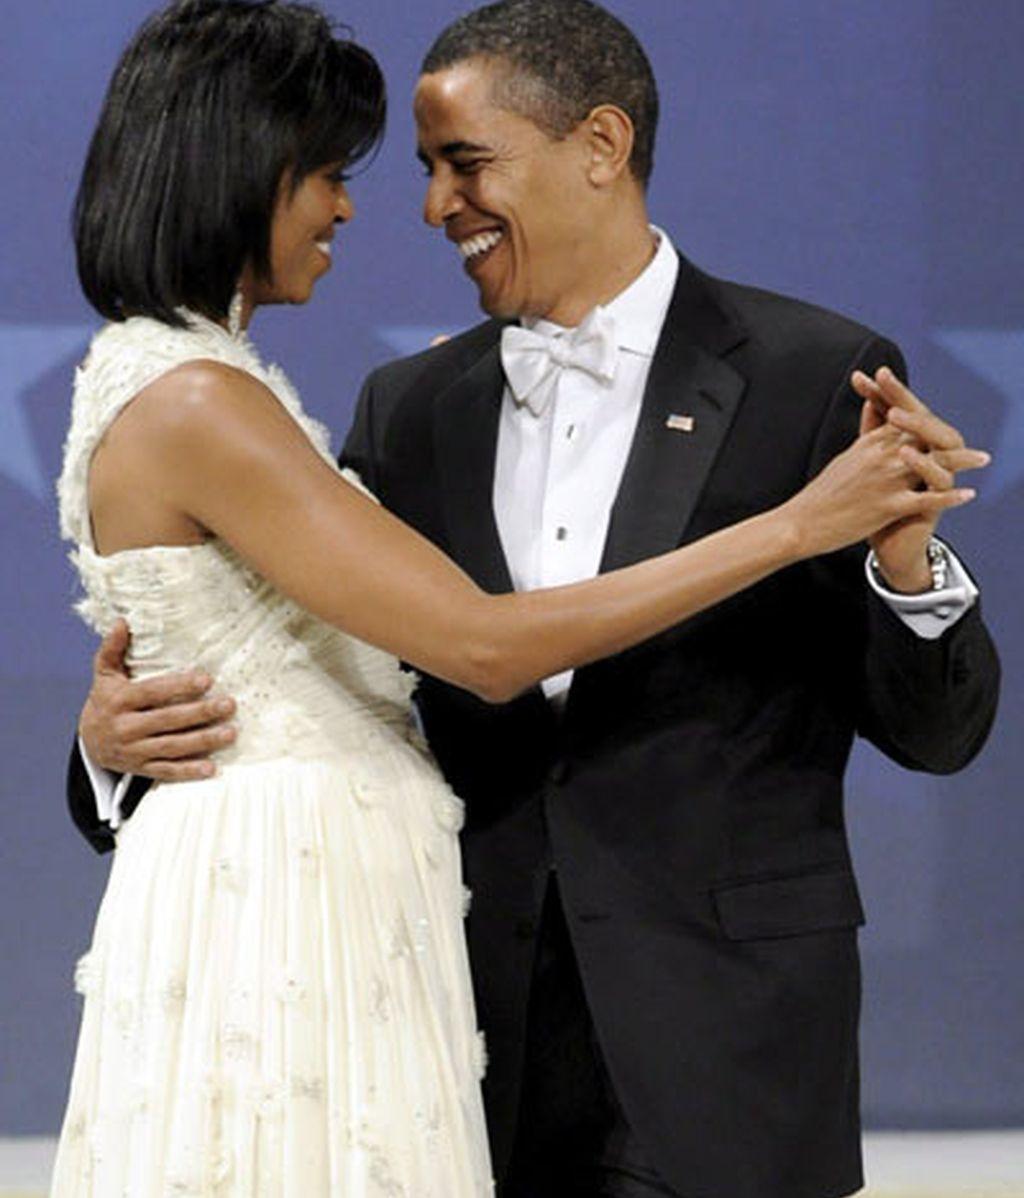 El presidente de Estados Unidos, Barack Obama, baila junto a su esposa, Michelle, durante el Baile del Biden Home States en Washington DC . Foto: EFE